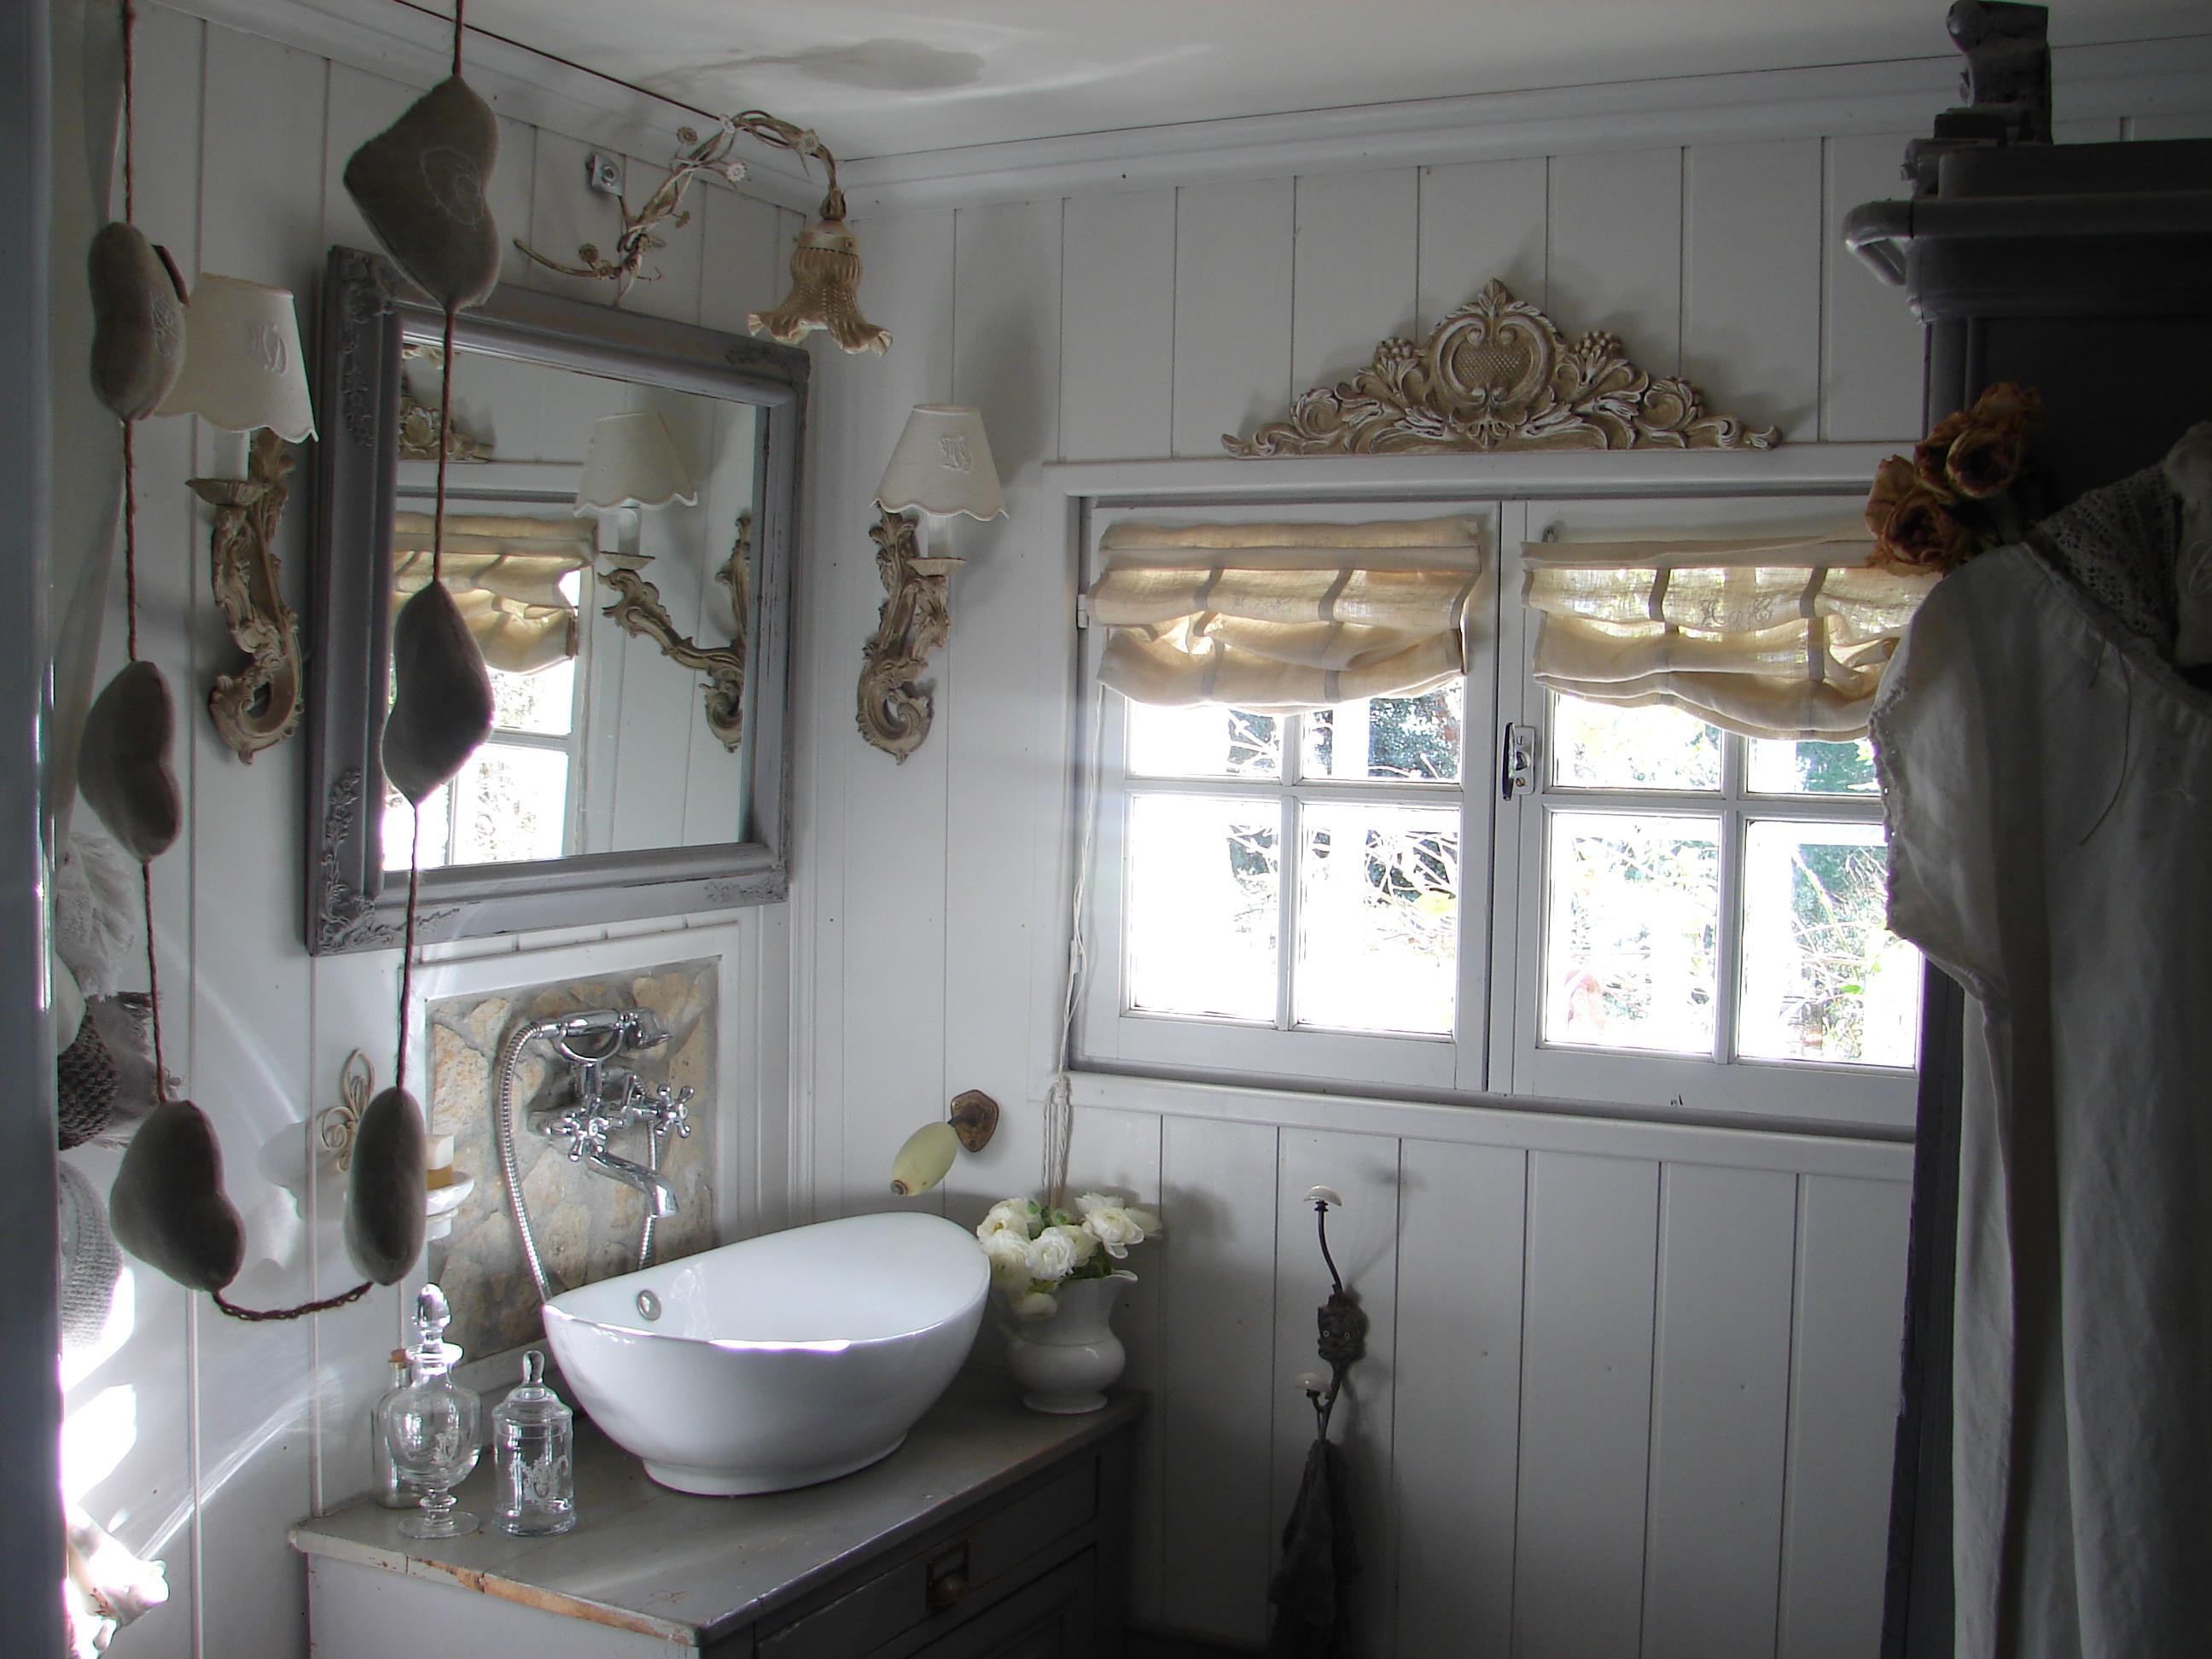 Salle de bains d coration de charme shabby le grenier dalice le grenier d 39 alice - Decor de charme ...